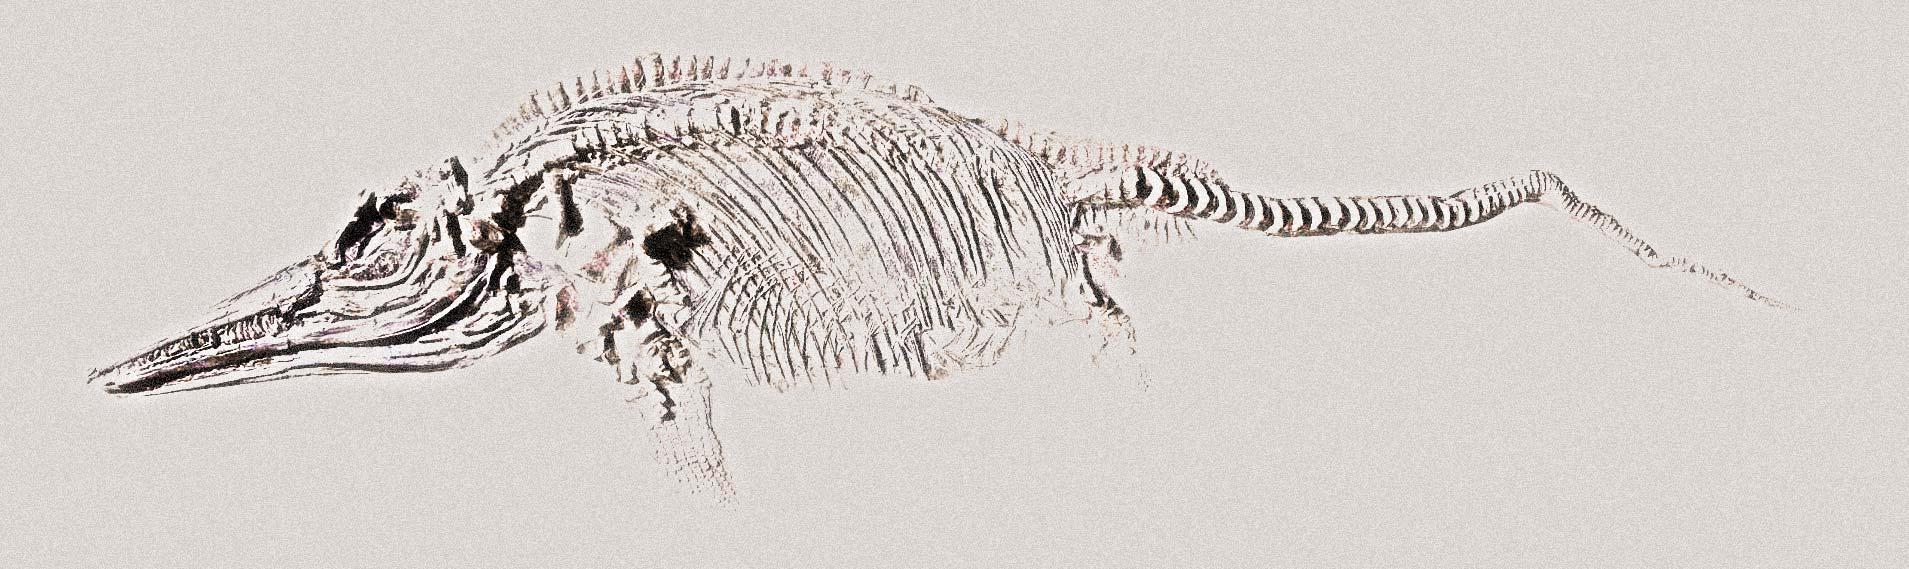 ilustración fósil lagarto marino